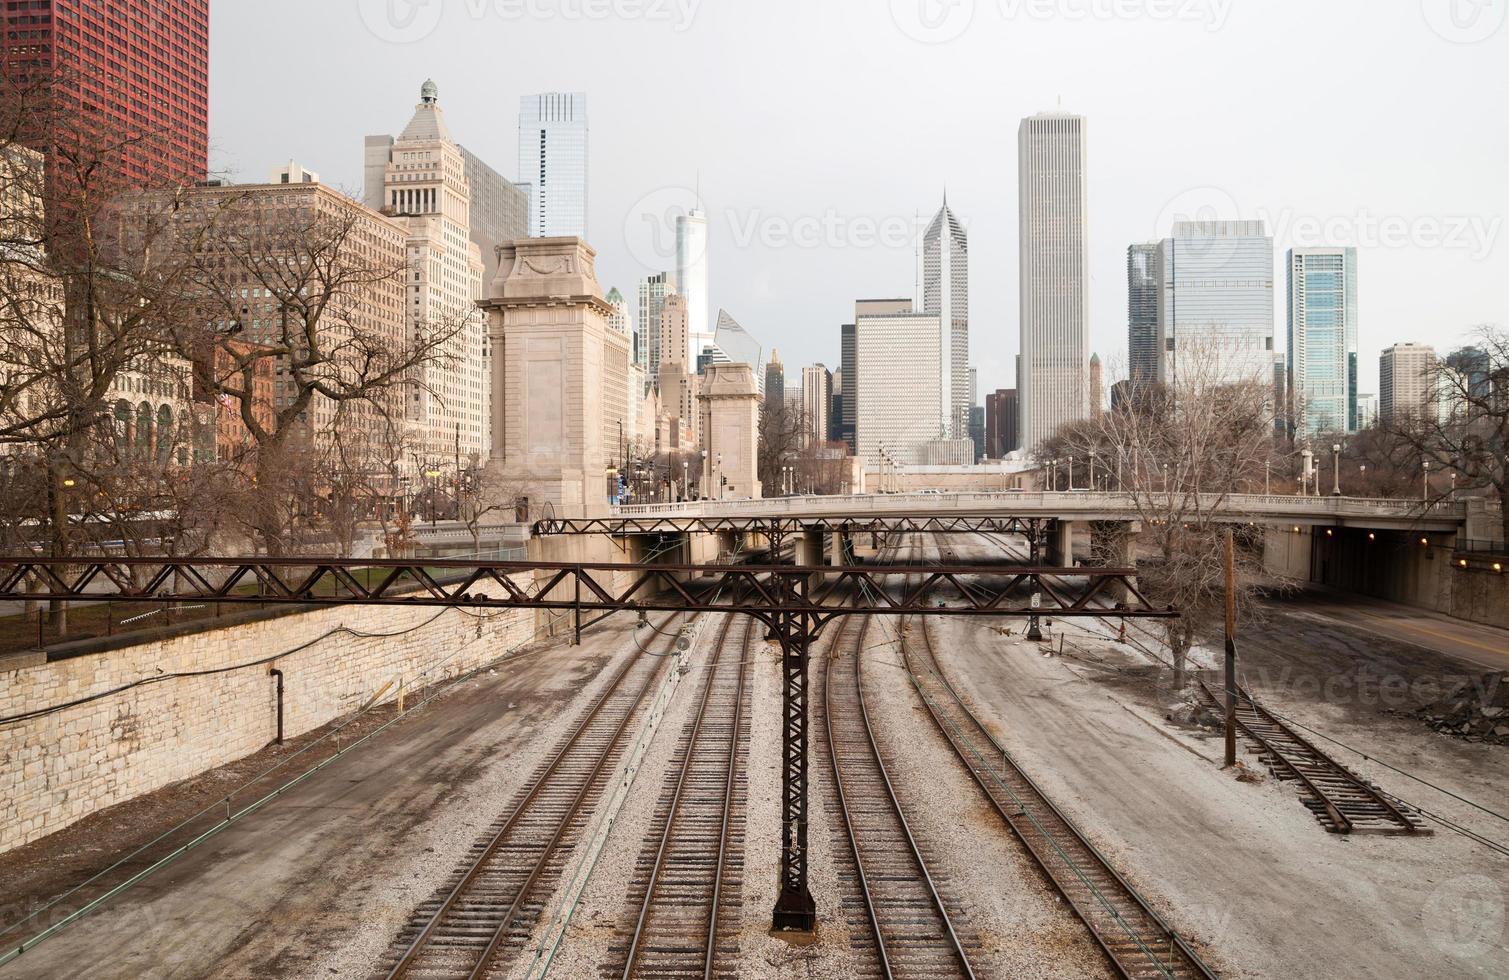 spoorweg treinsporen railyards downtown Chicago skyline vervoer foto